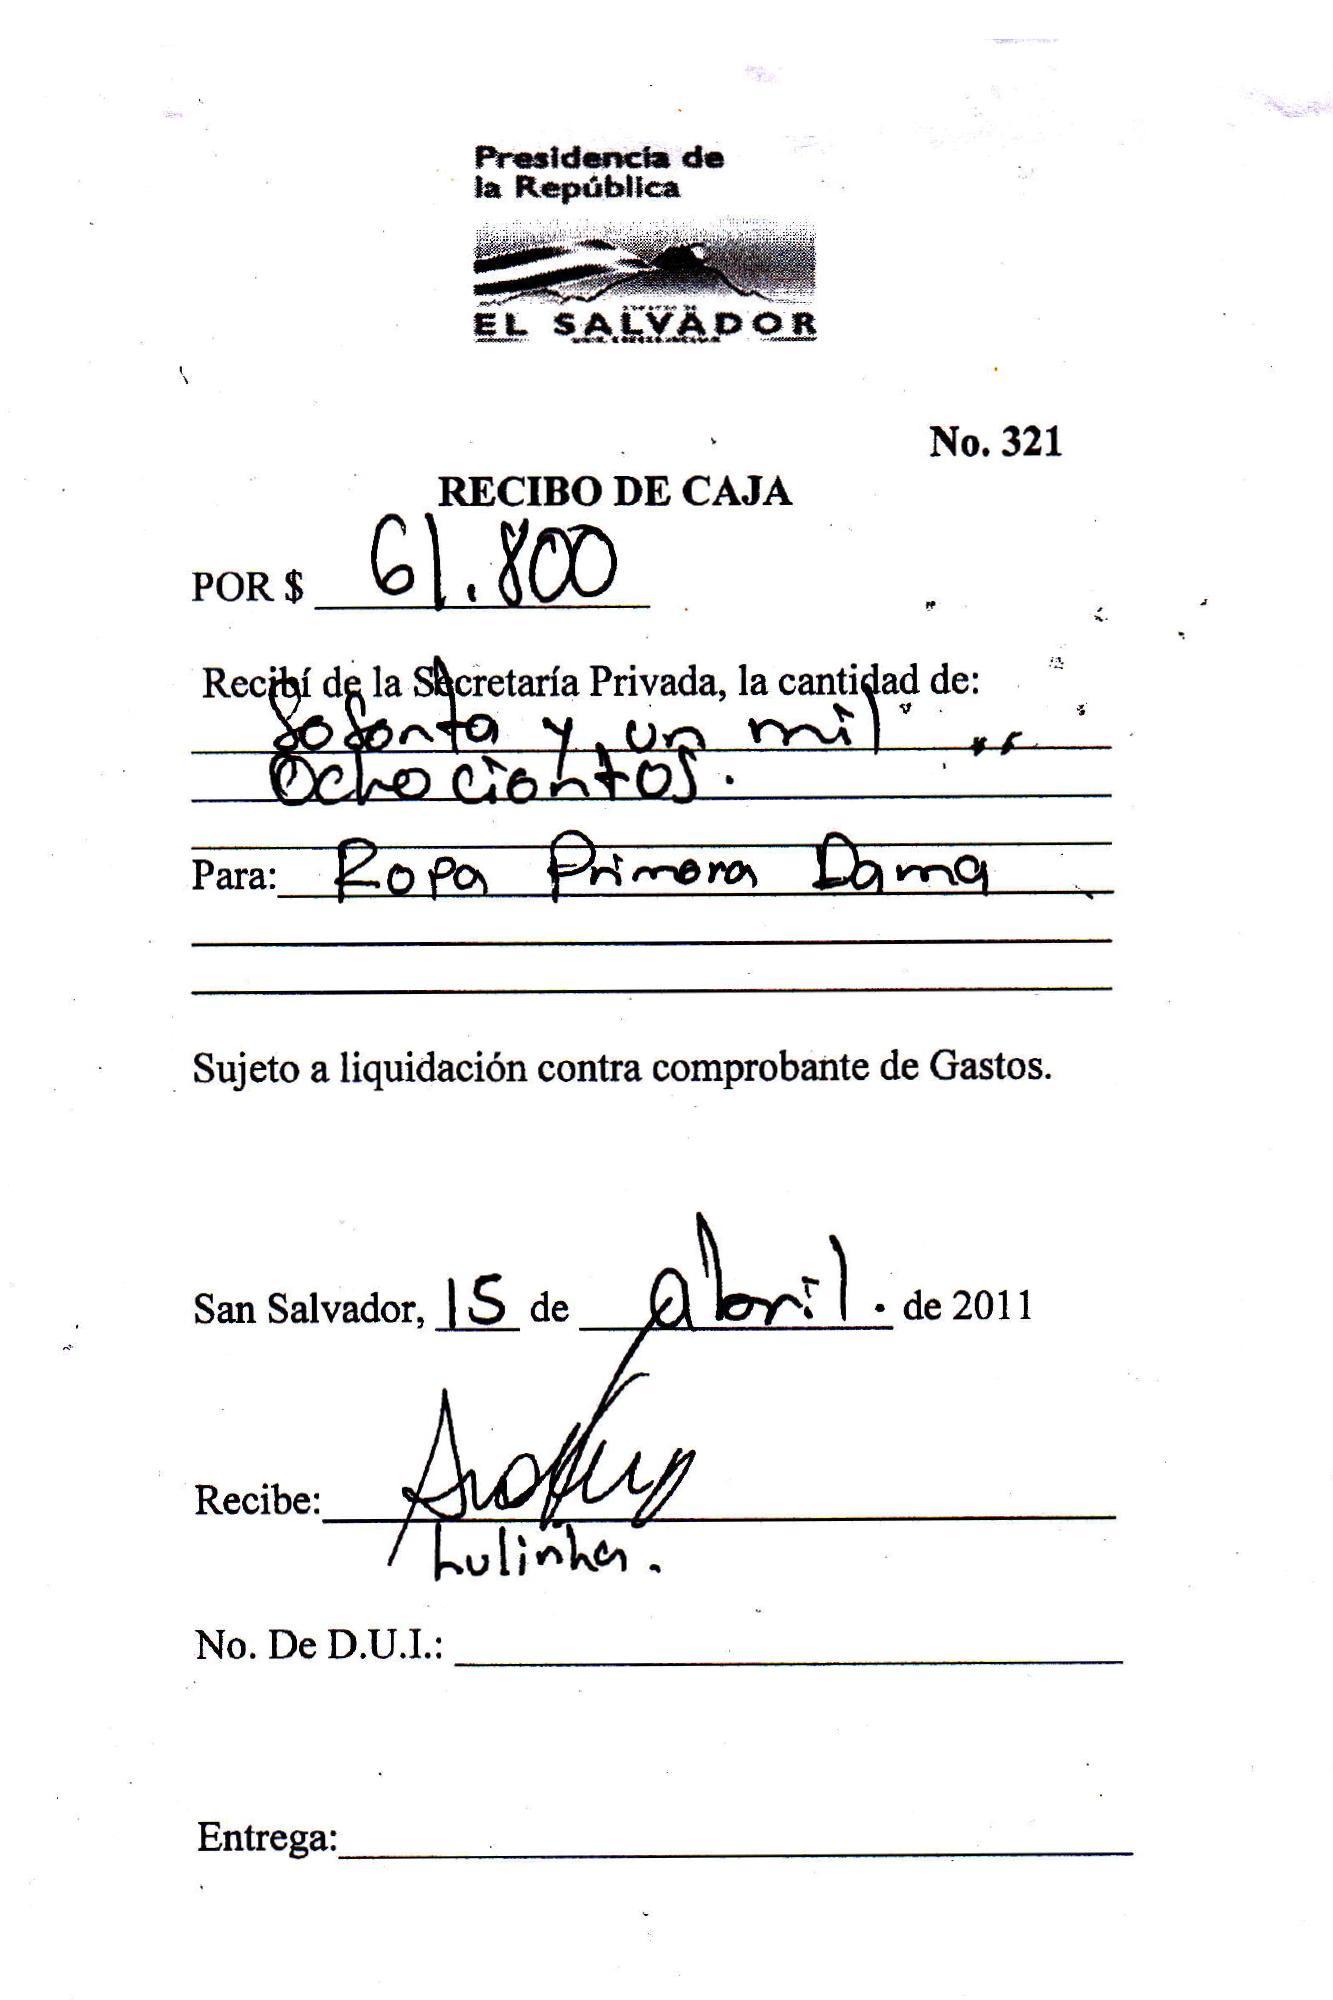 La Secretaría Privada de la Presidencia documentó un gasto de $61,800 dólares para el pago de ropa de la primera dama de la República, Vanda Pignato. Ese pago se realizó el 15 de abril de 2011, cuando Pignato dirigía ad honorem la Secretaría de Inclusión Social. Durante su juicio por enriquecimiento ilícito, que inició en marzo de 2016, Pignato aseguró que todos sus gastos los pagaba el expresidente Funes. Fuentes de El Faro que eran parte del gabinete de gobierno confirmaron que Lulinha, quien firma, era una asesora de moda de Pignato